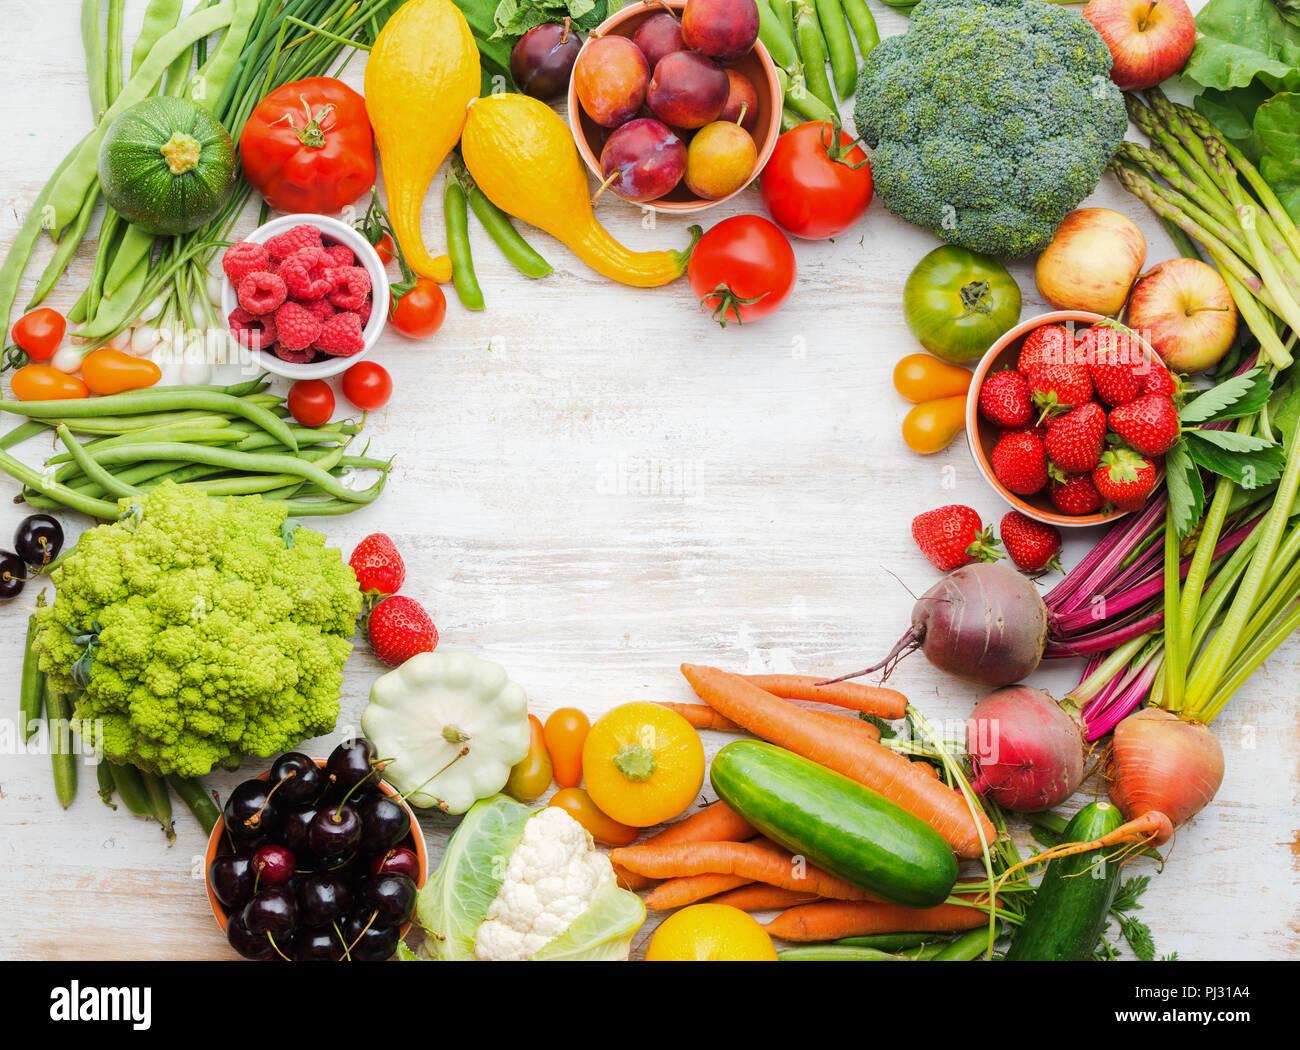 Ferme colorés fruits légumes baies, cerises fraises pommes pêches chou-fleur Brocoli Carottes Tomates courge Haricots Oignons de printemps, betterave, vue du dessus de l'espace de copie Photo Stock